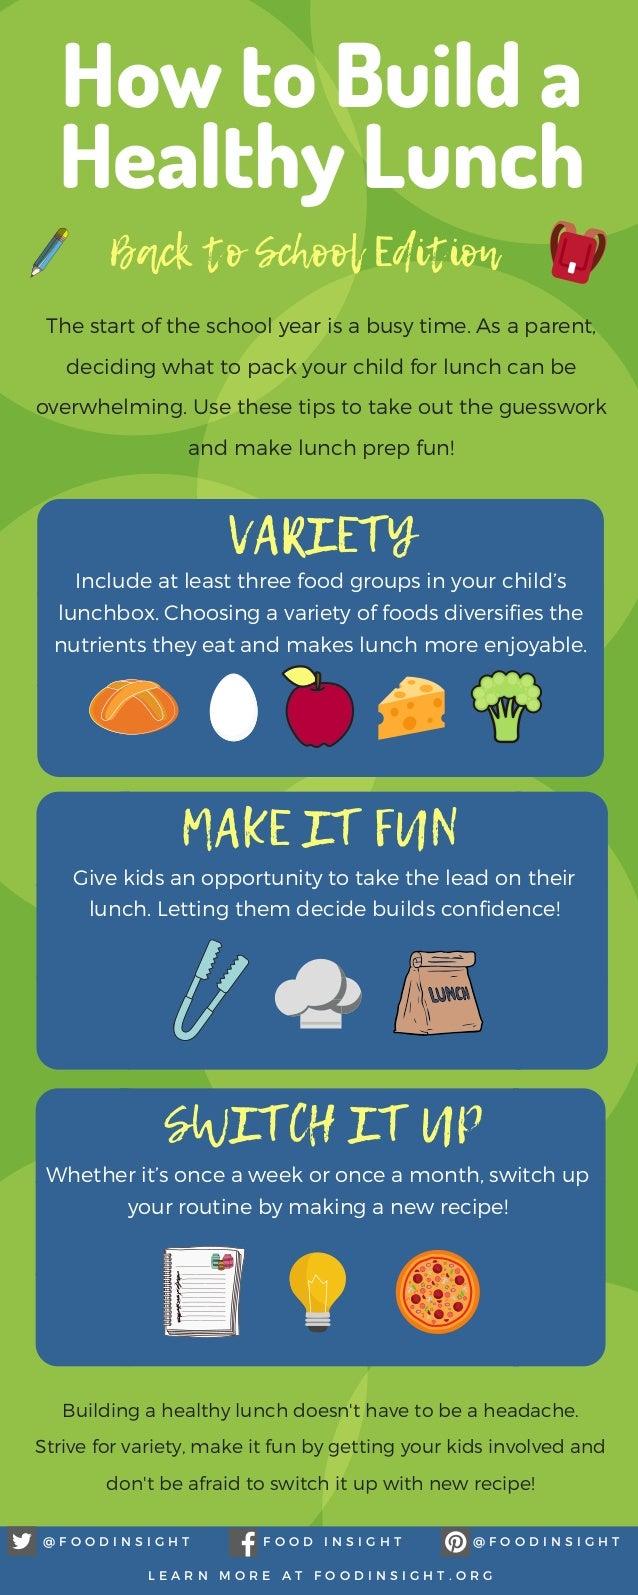 How to Build a Healthy Lunch @ F O O D I N S I G H TF O O D I N S I G H T@ F O O D I N S I G H T L E A R N M O R E A T F O...